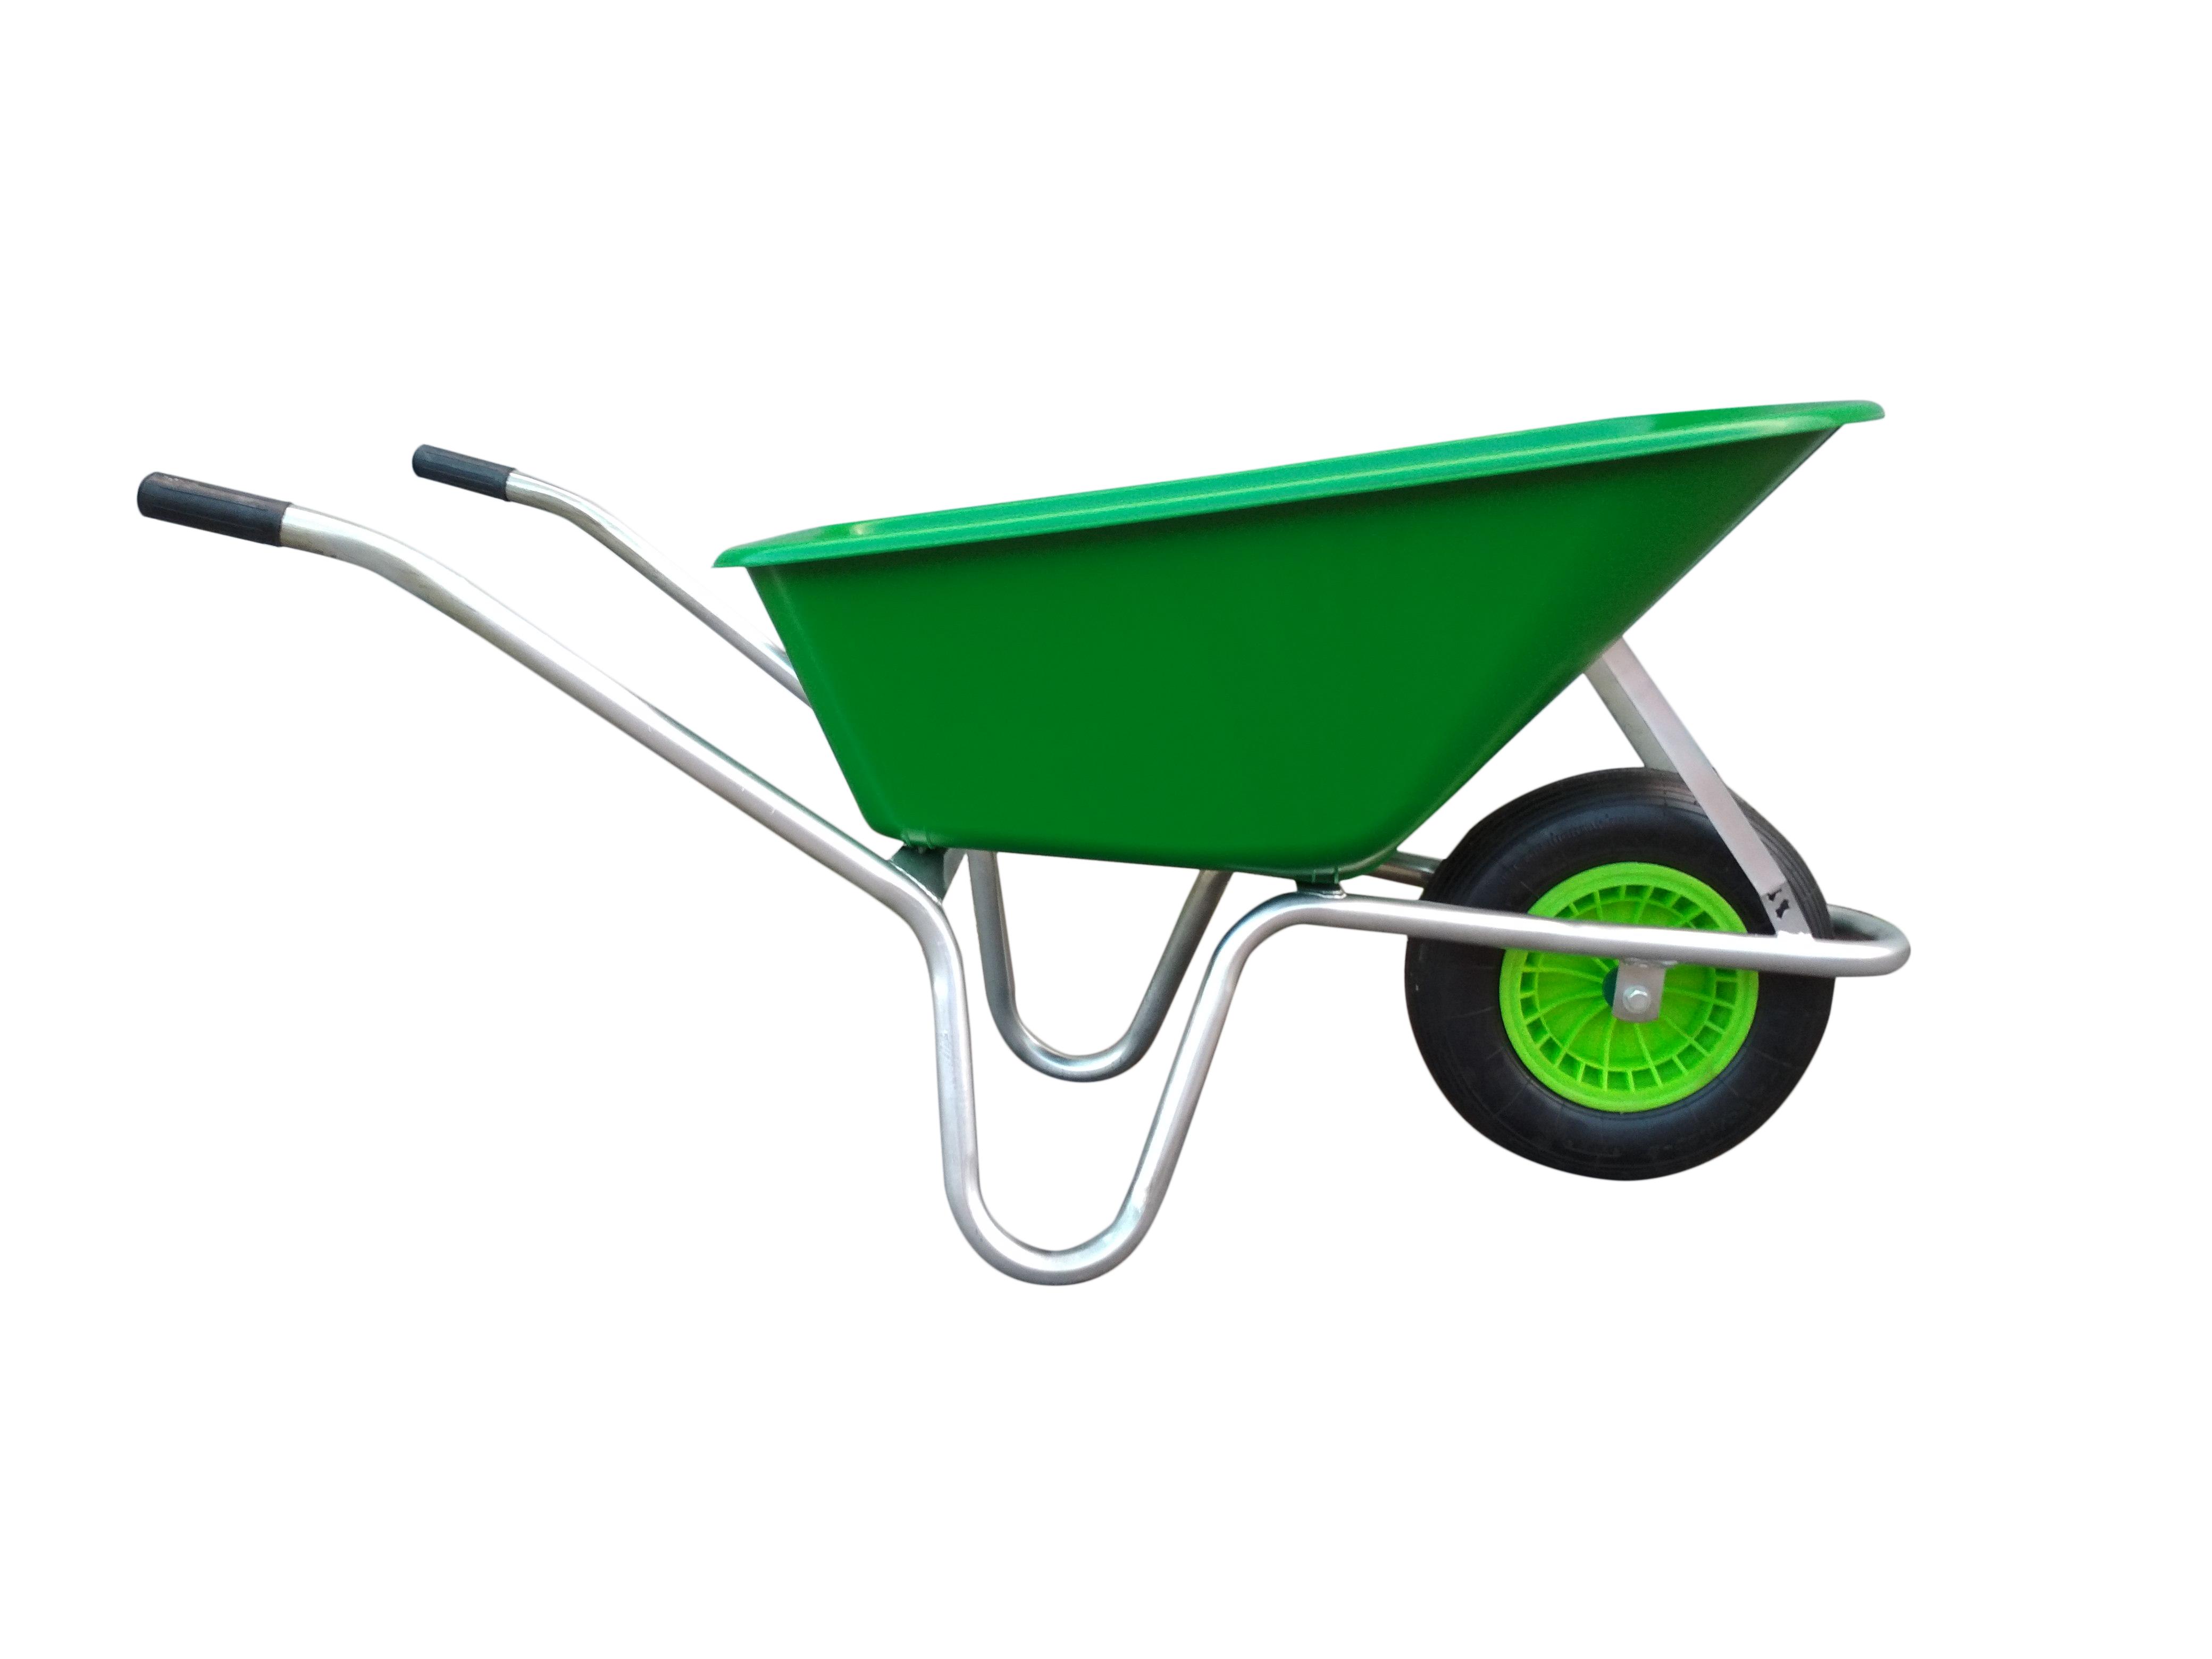 Kolečko LIVEX 100 l, pzn rám, kolo nafukovací, rozložené – plastová korba světle zelená, nosnost 100 kg